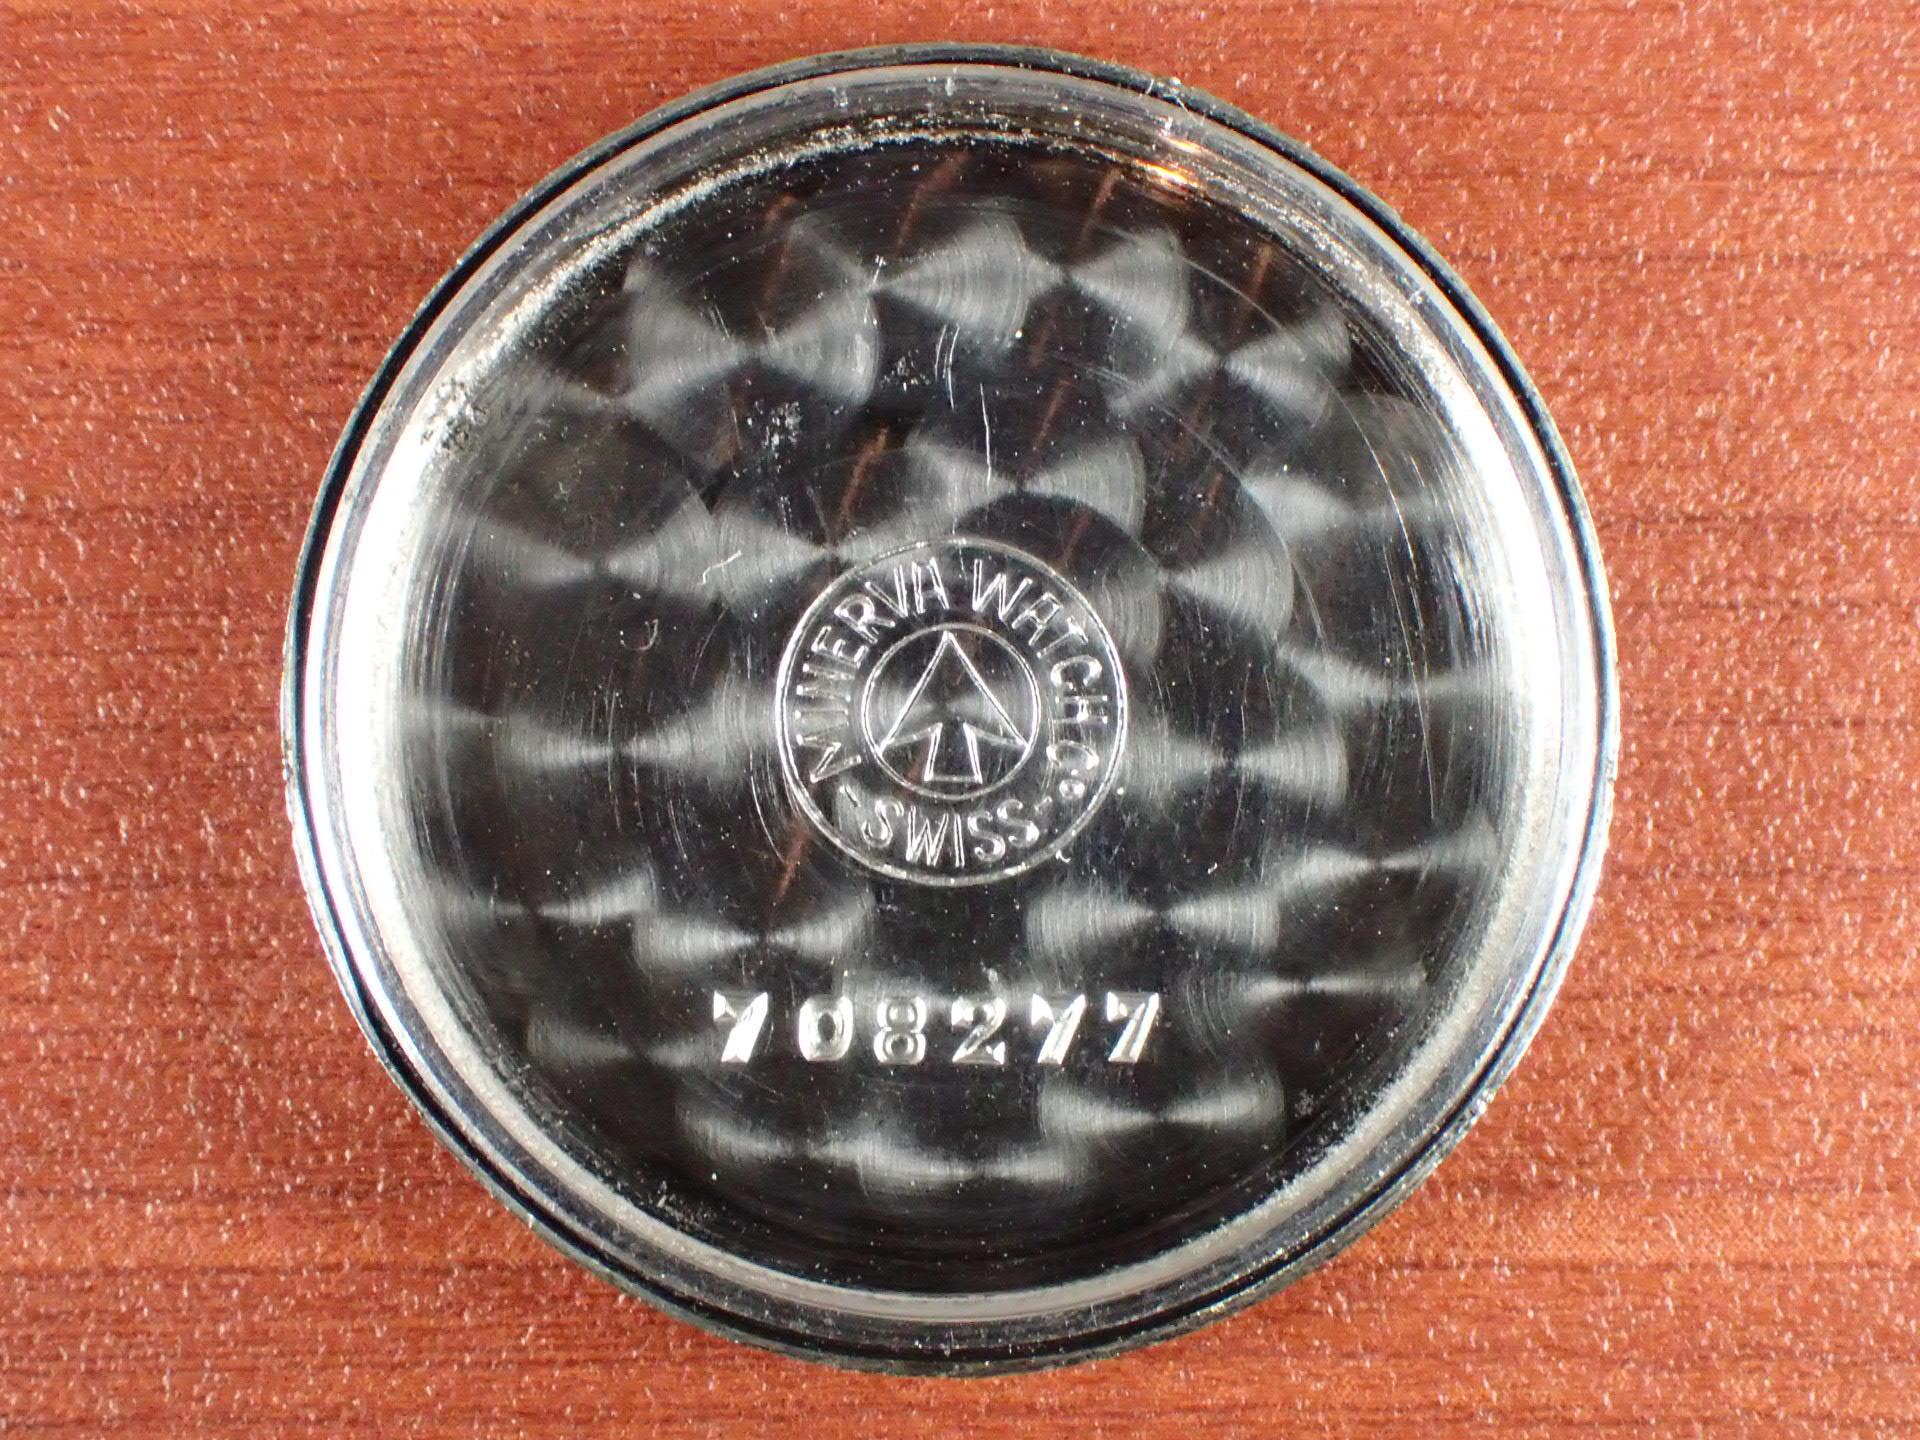 ミネルバ キャリバー49 ブラックミラーダイアル スクリューバック 1950年代の写真6枚目